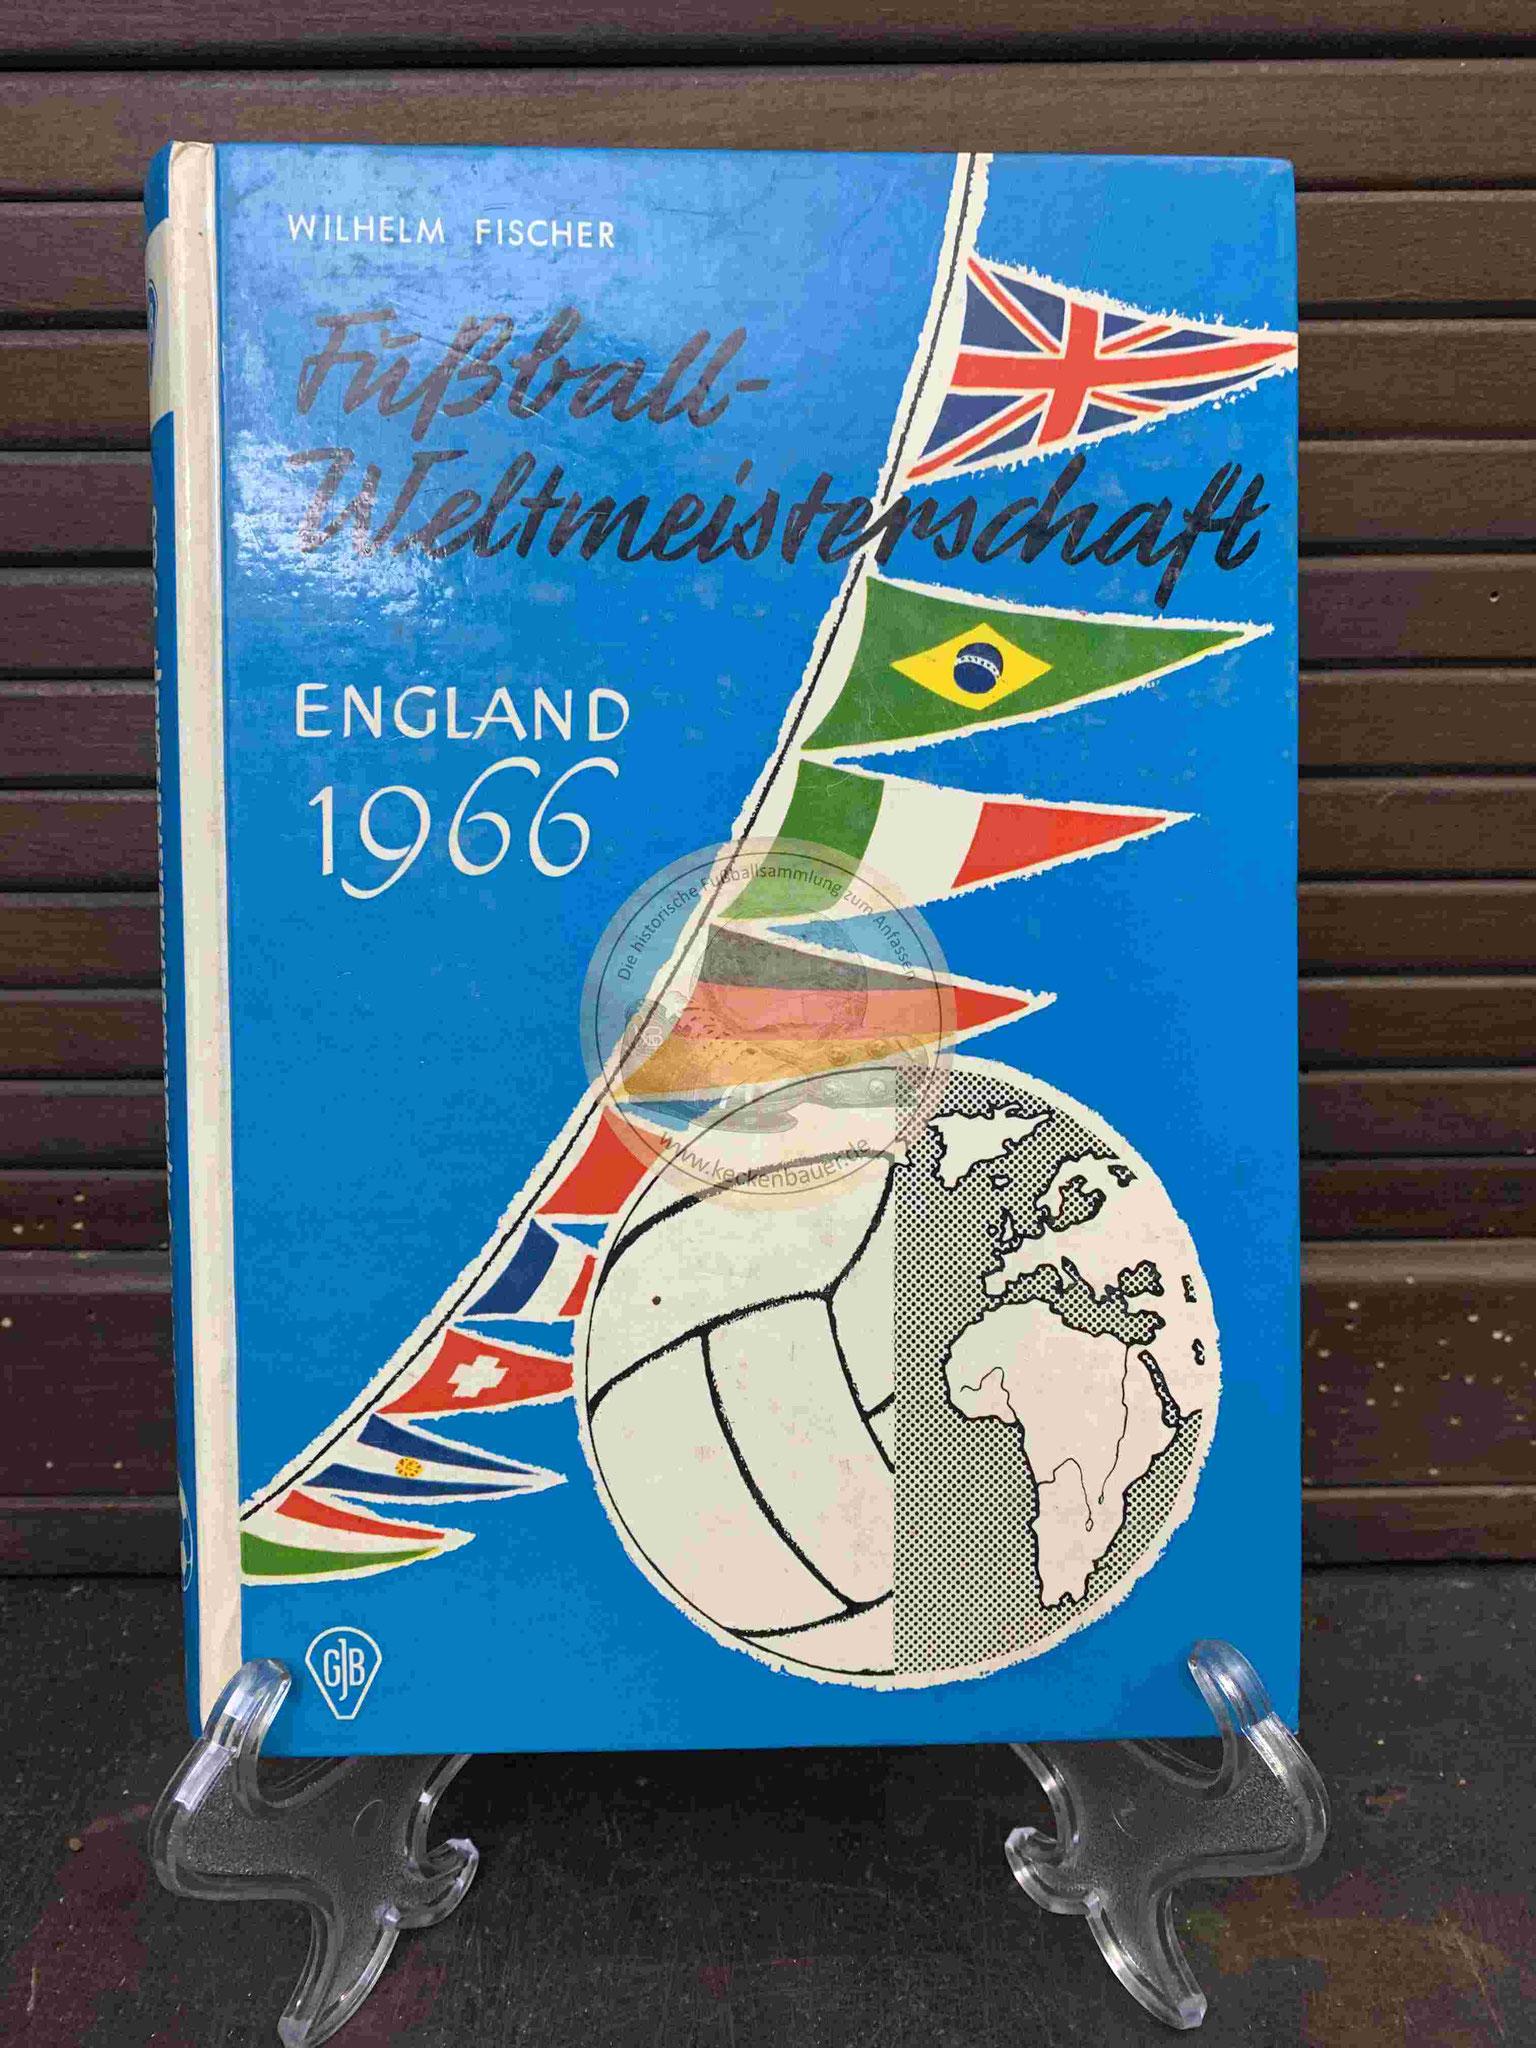 Fußballweltmeisterschaft England 1966 von Wilhelm Fischer aus dem Jahr 1966